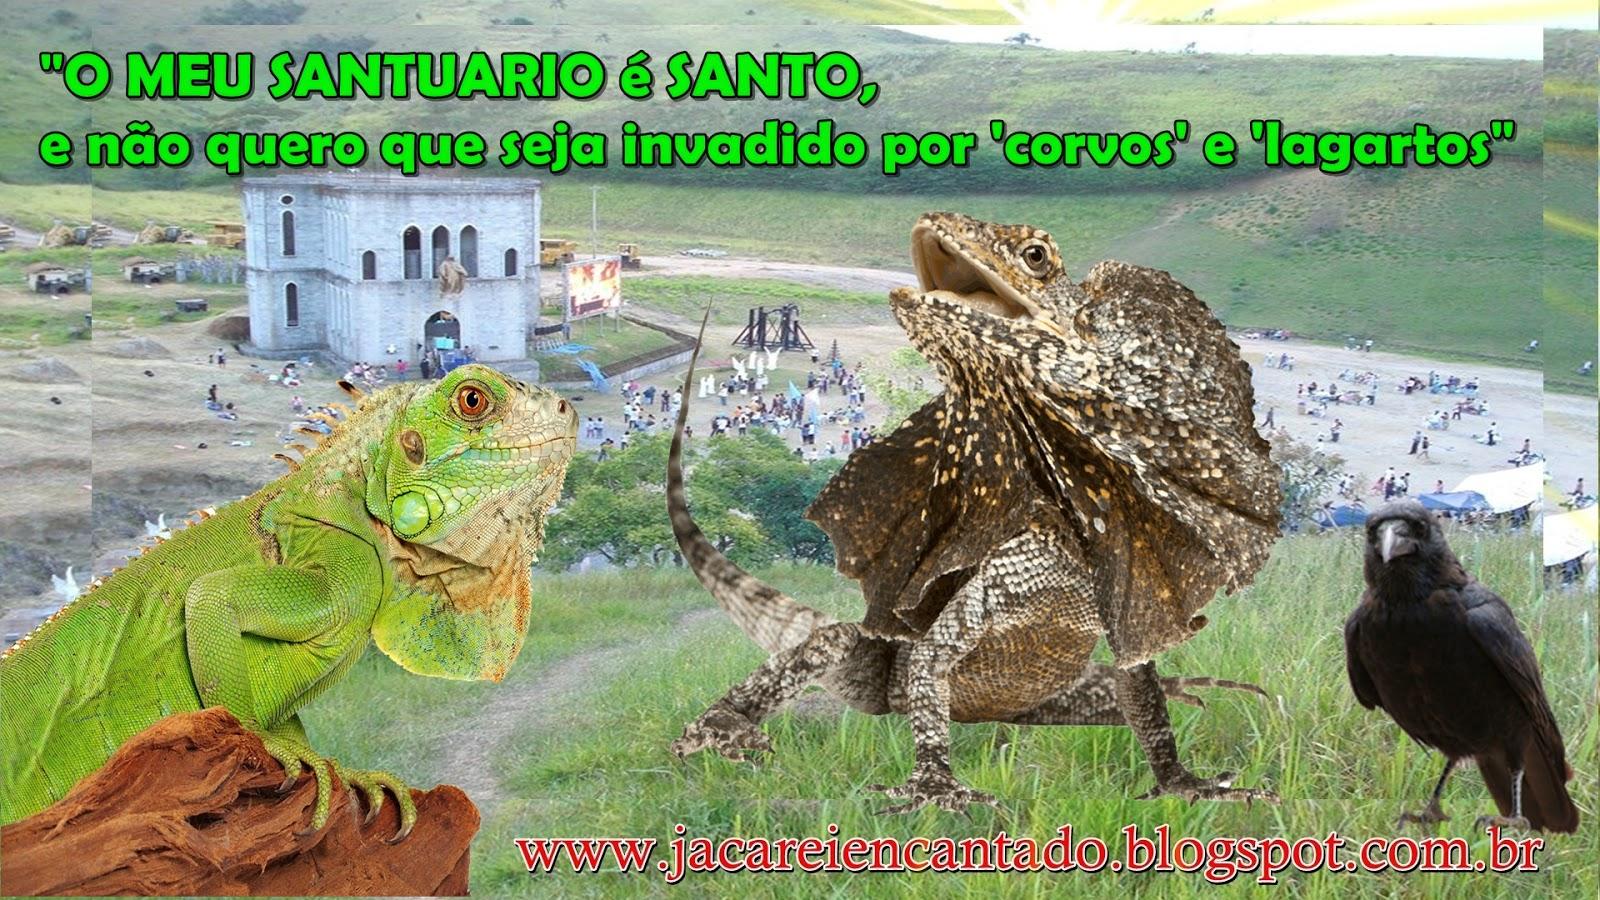 www.jacareiencantado. .. blog oficial .vidente, sinal, photoshop Santuário das Aparições de Jacareí SP. são falsas. são verdadeiras, farsa,